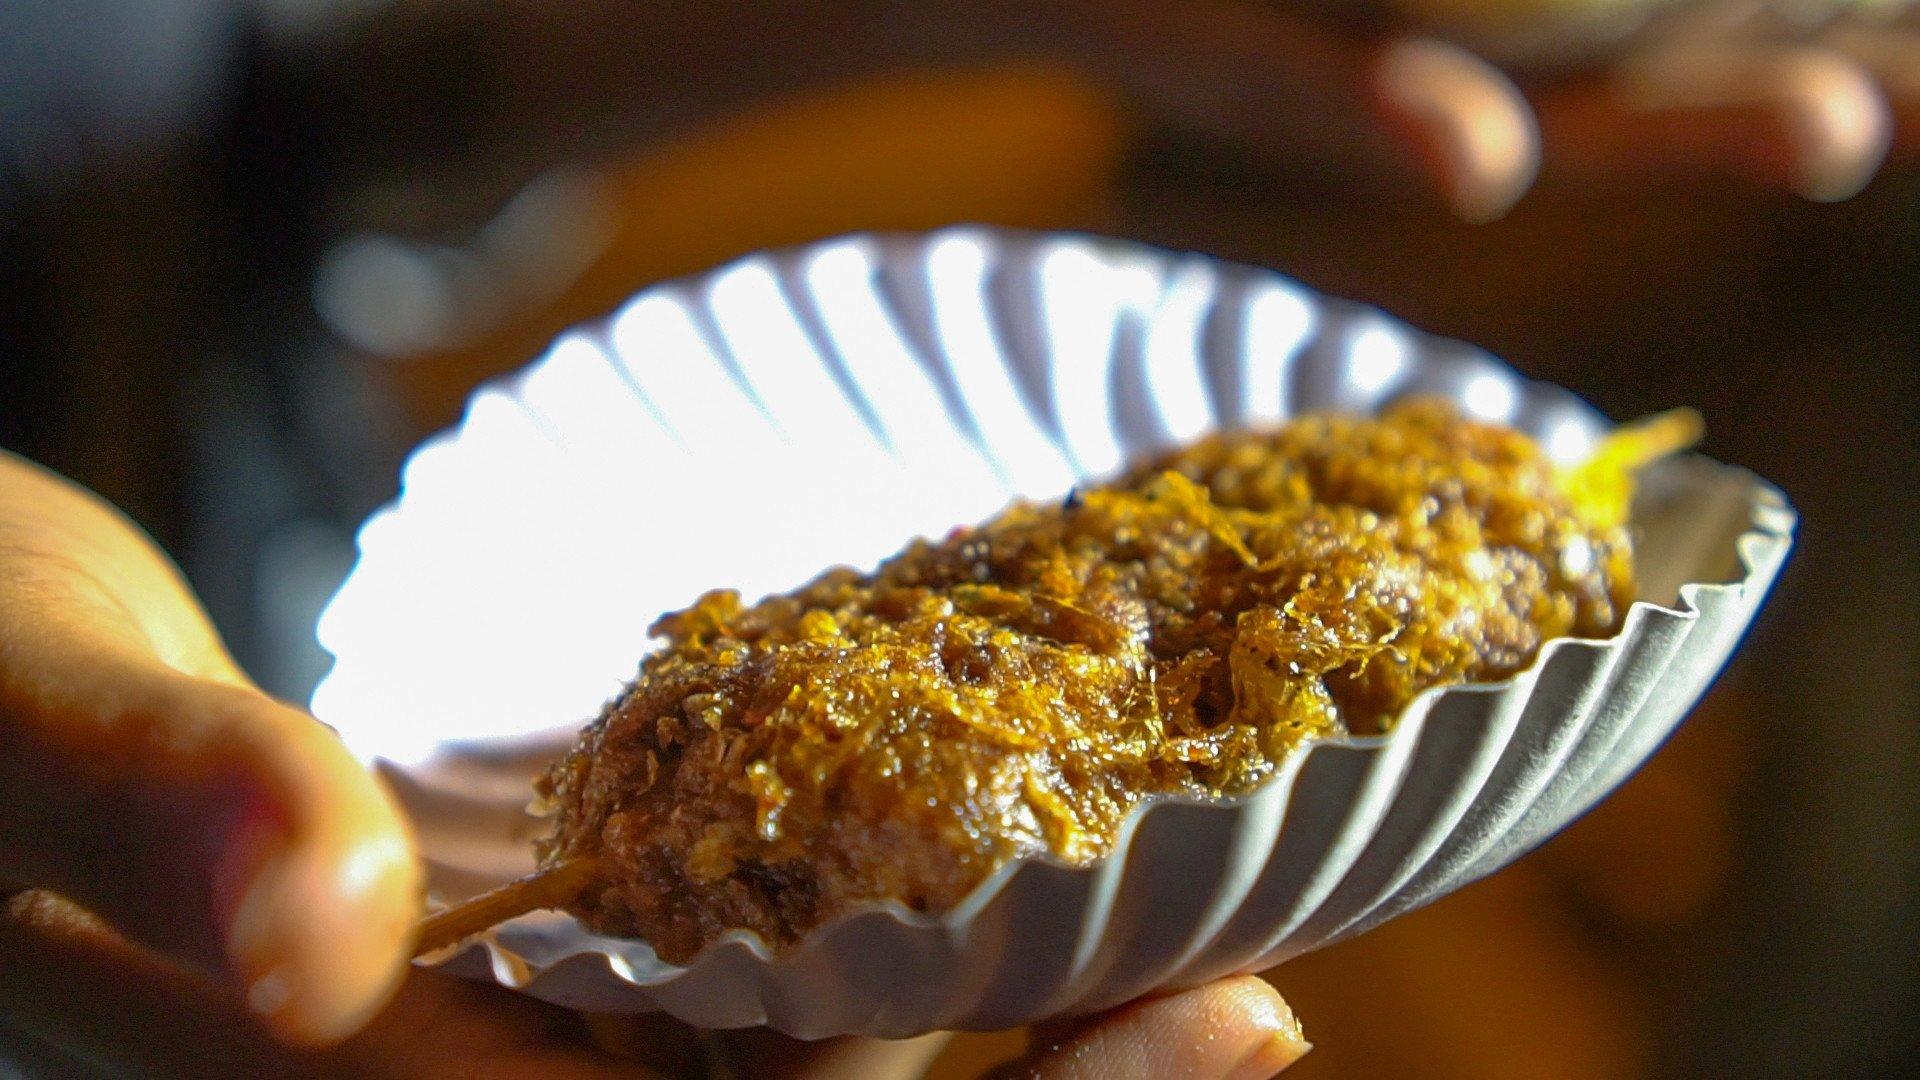 गल्ली बेल्ली: वांद्रे खाऊगल्ली